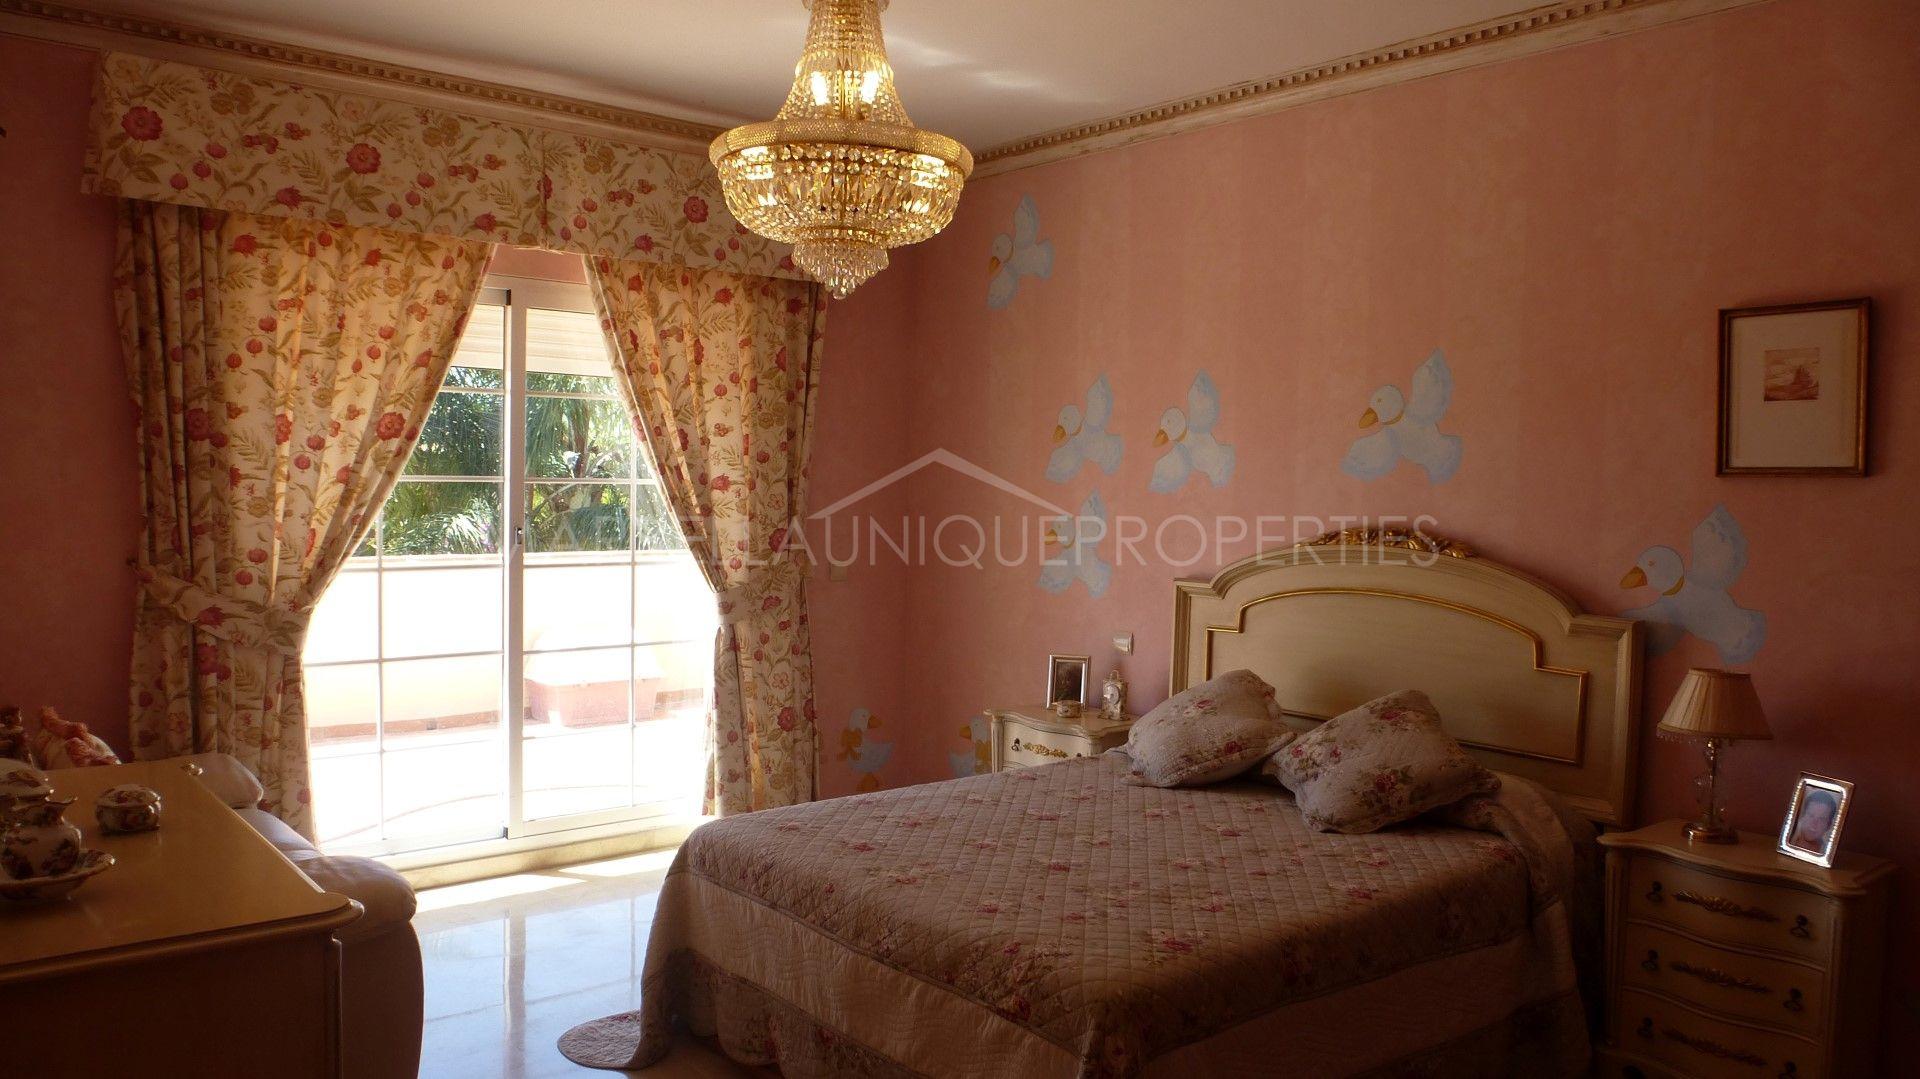 Une villa de luxe d une qualit sup rieure avec 4 chambres - Humidifier l air d une chambre ...